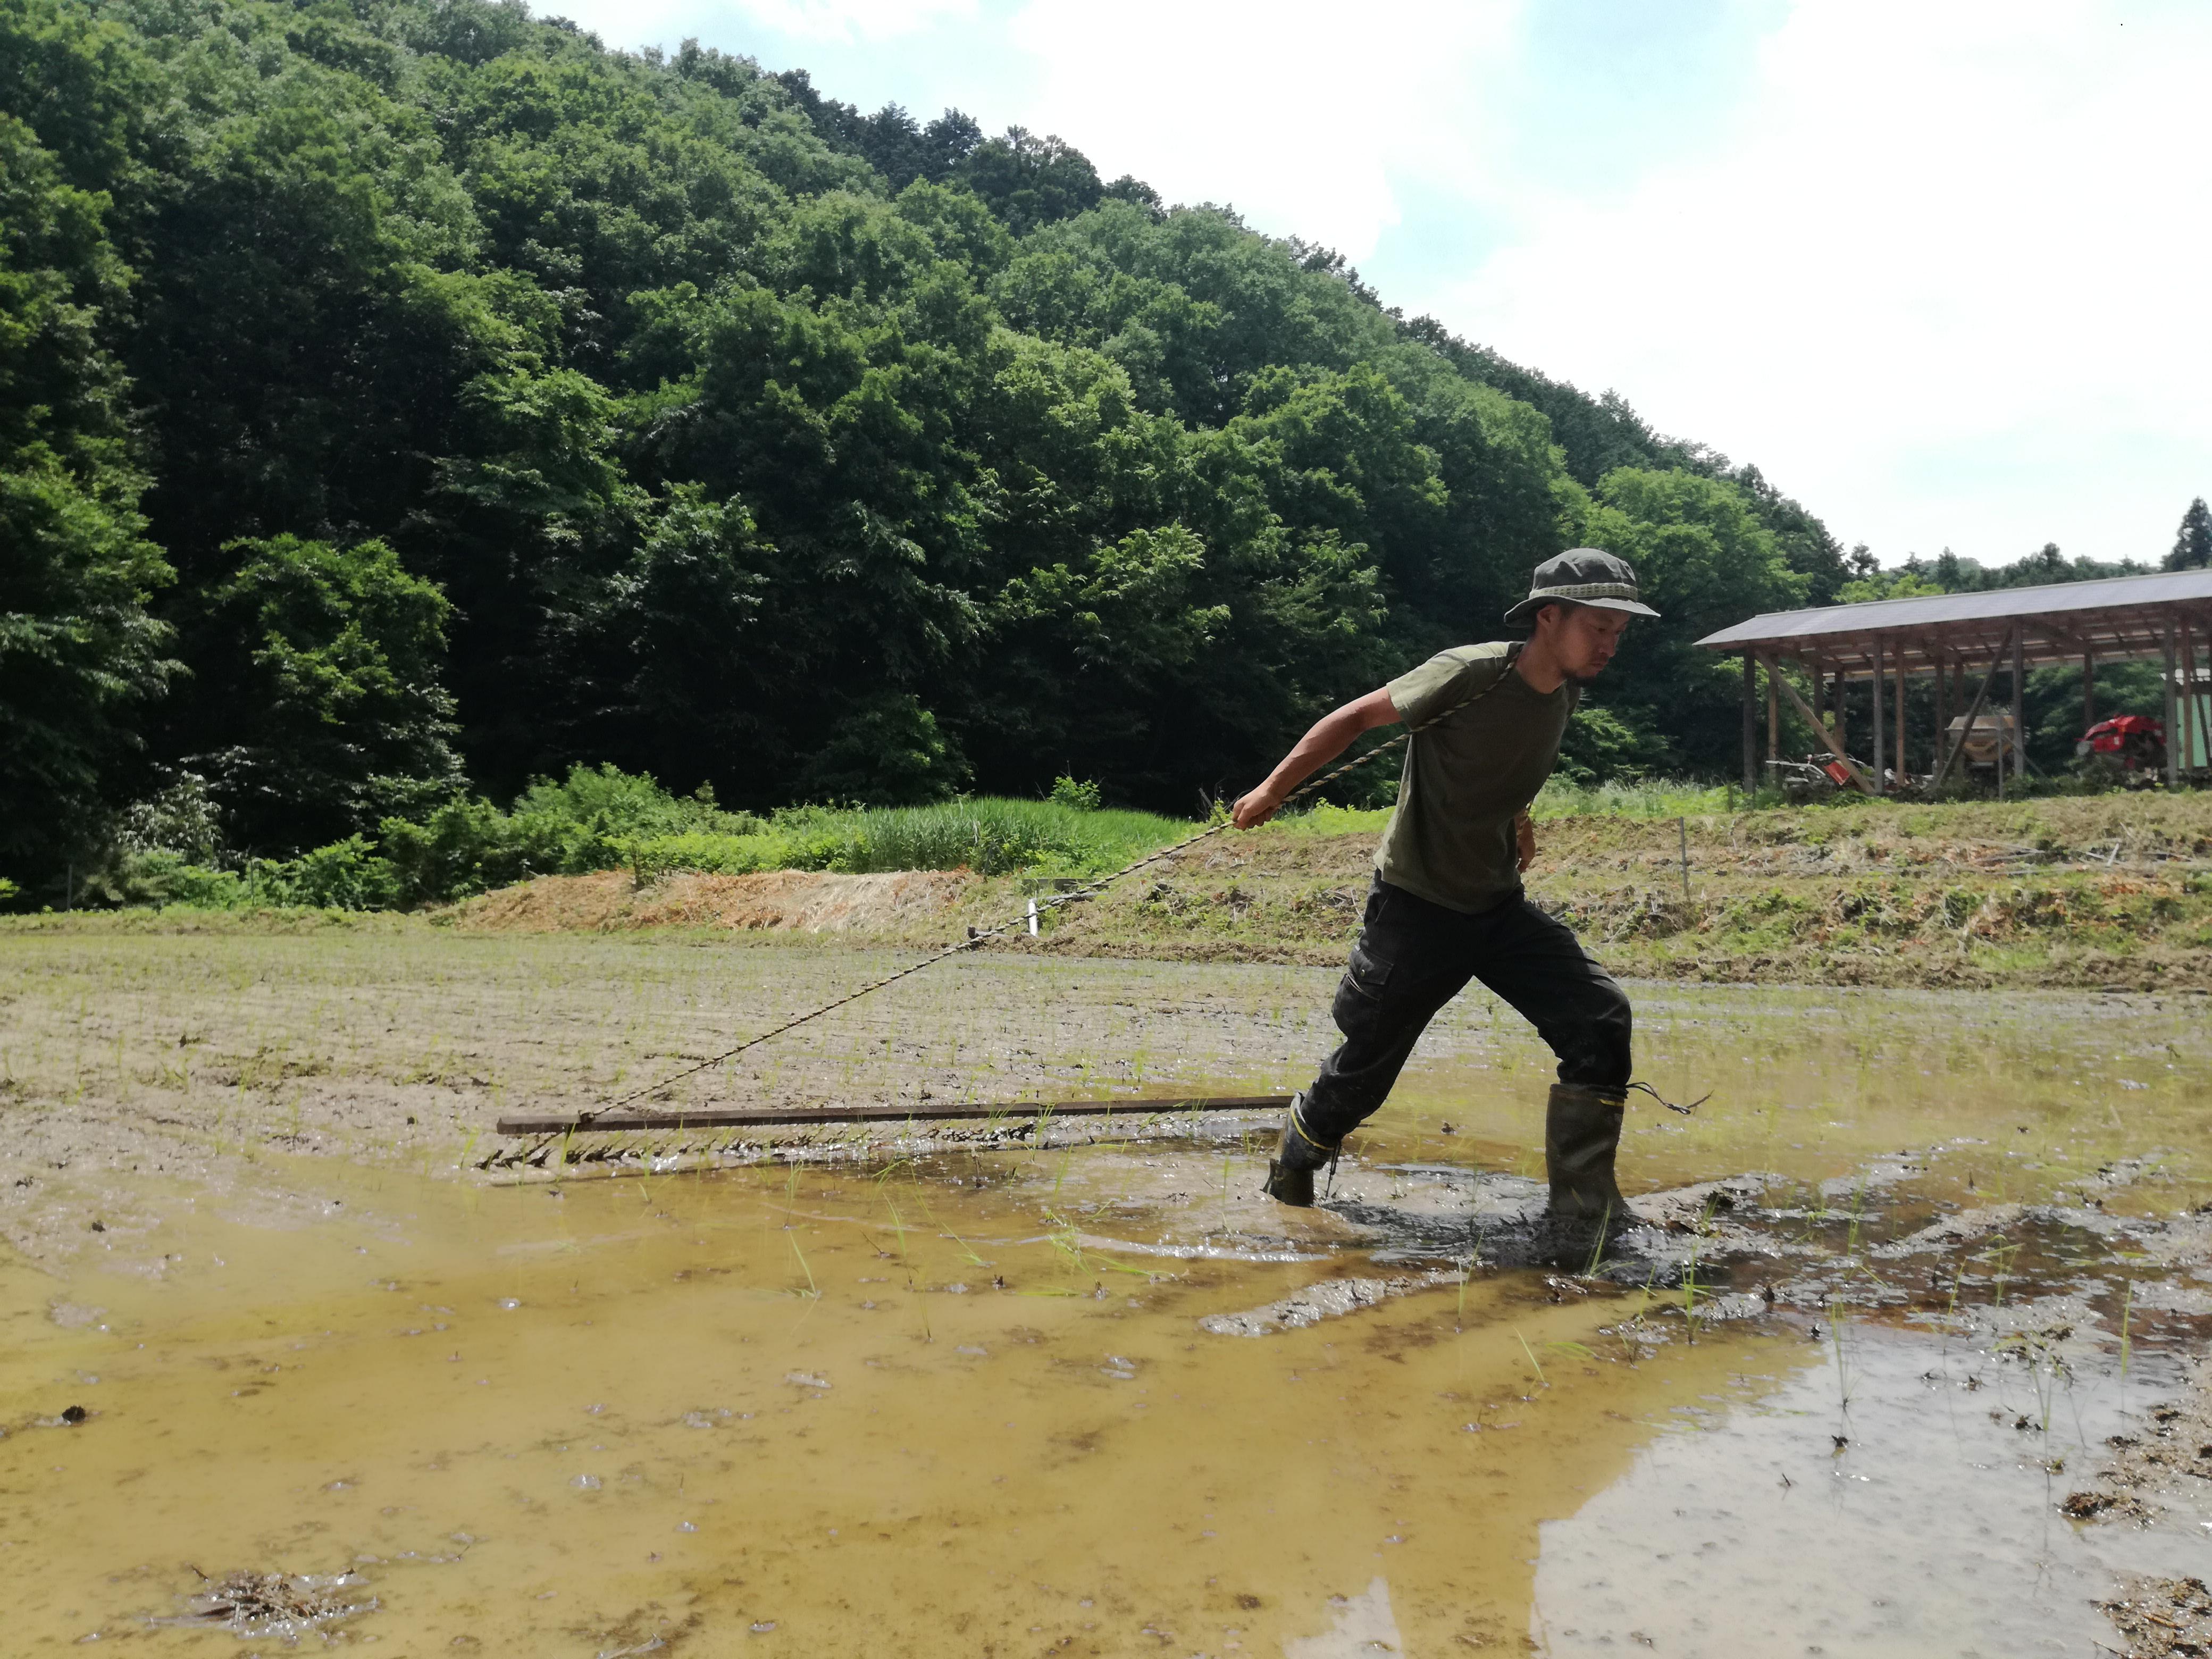 タイヤ引きトレーニングを思い出す田んぼの除草作業